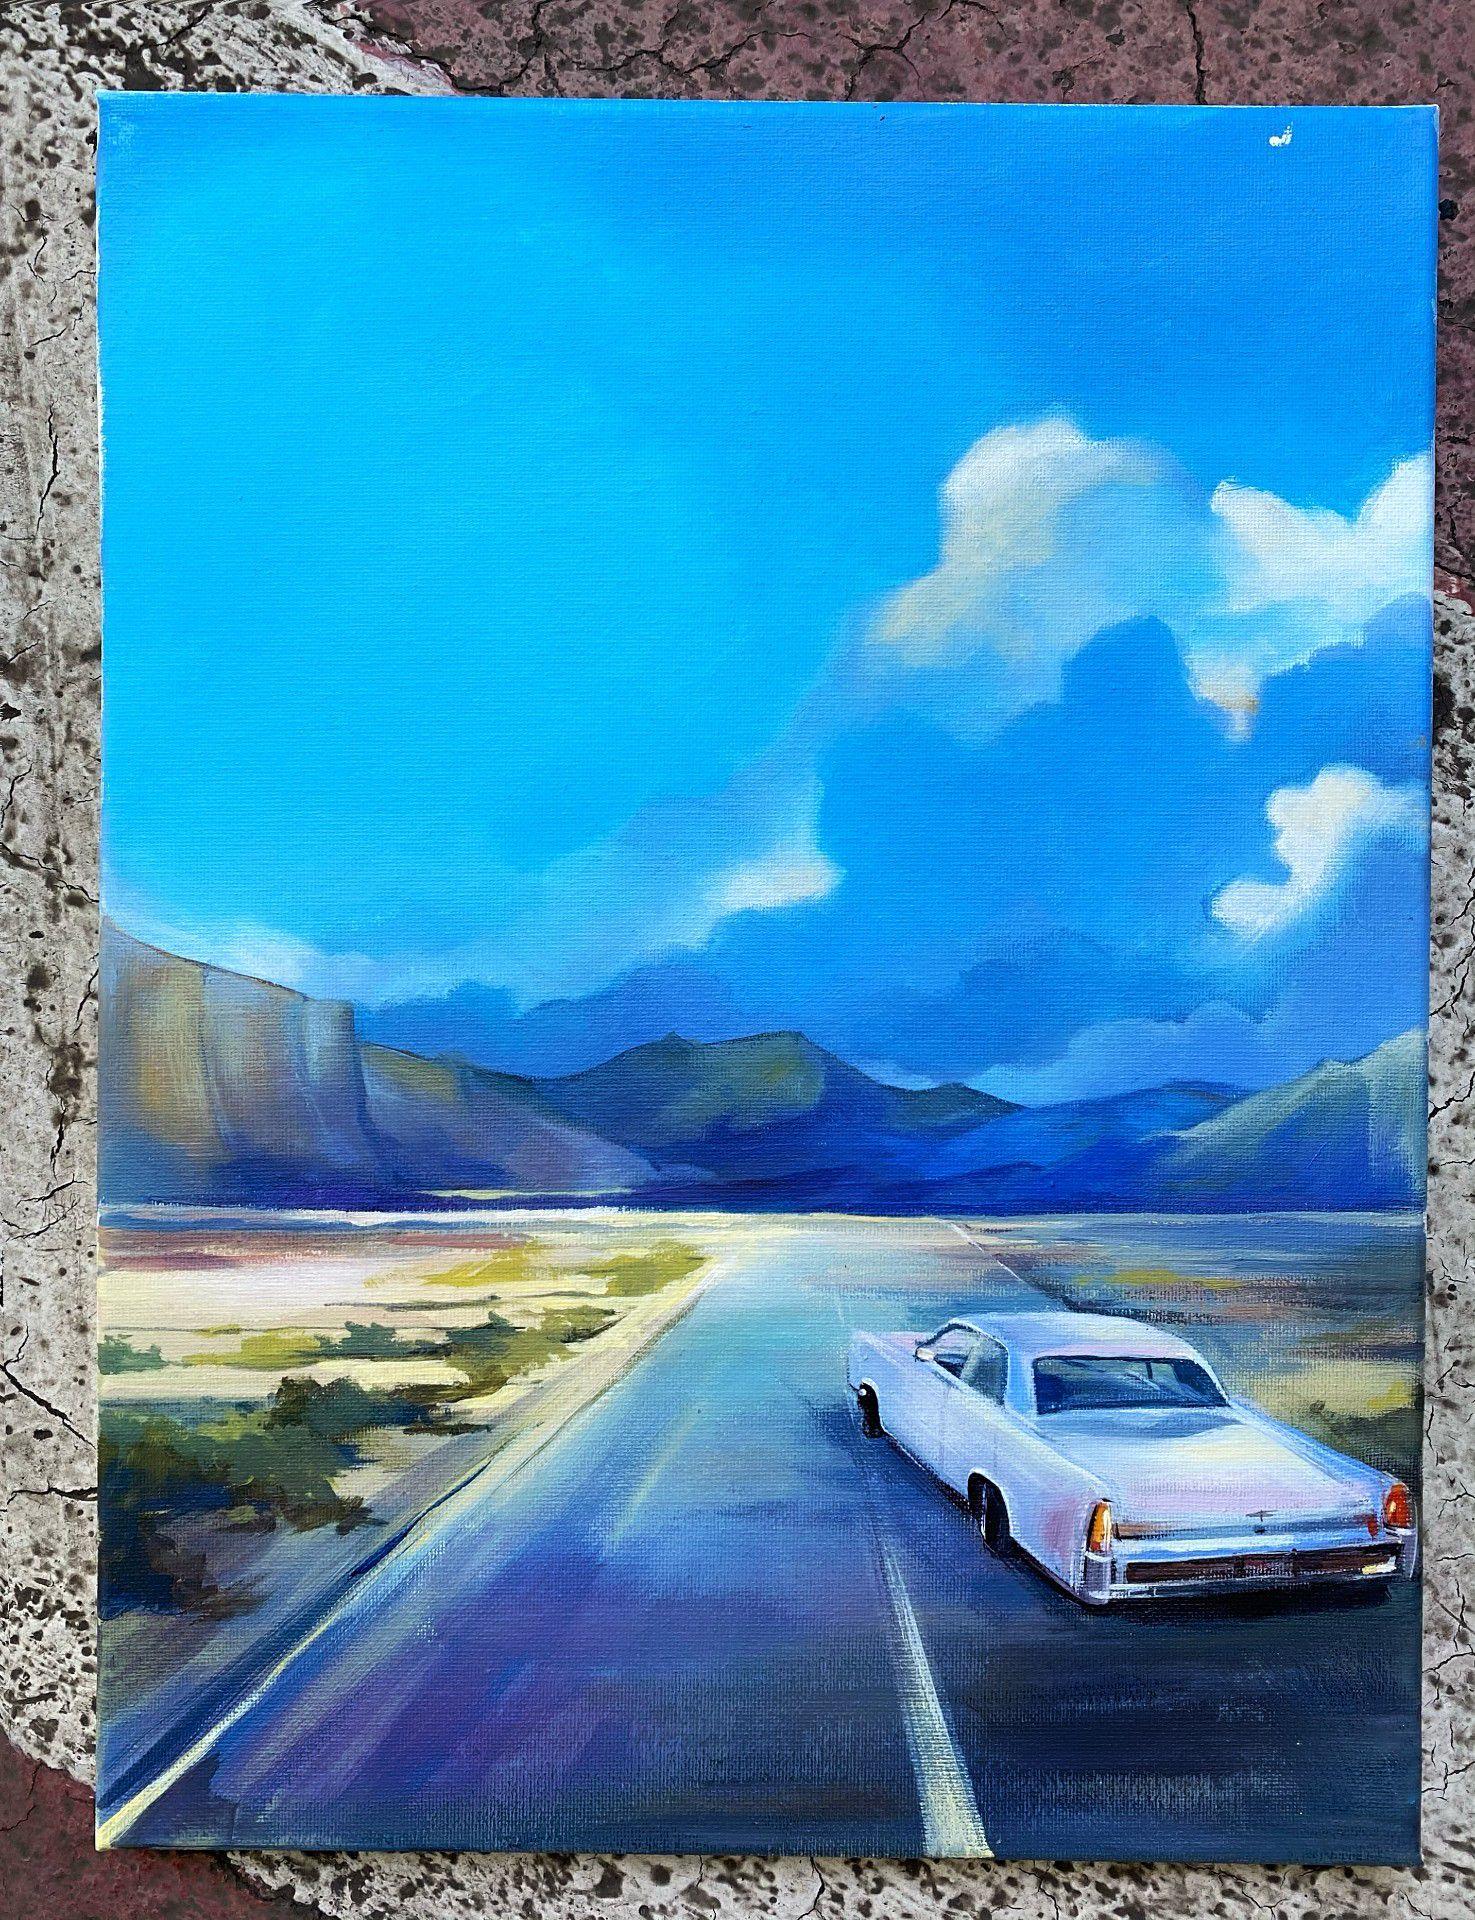 Мастер-класс по живописи акрилом «Гранд каньон» фото 2